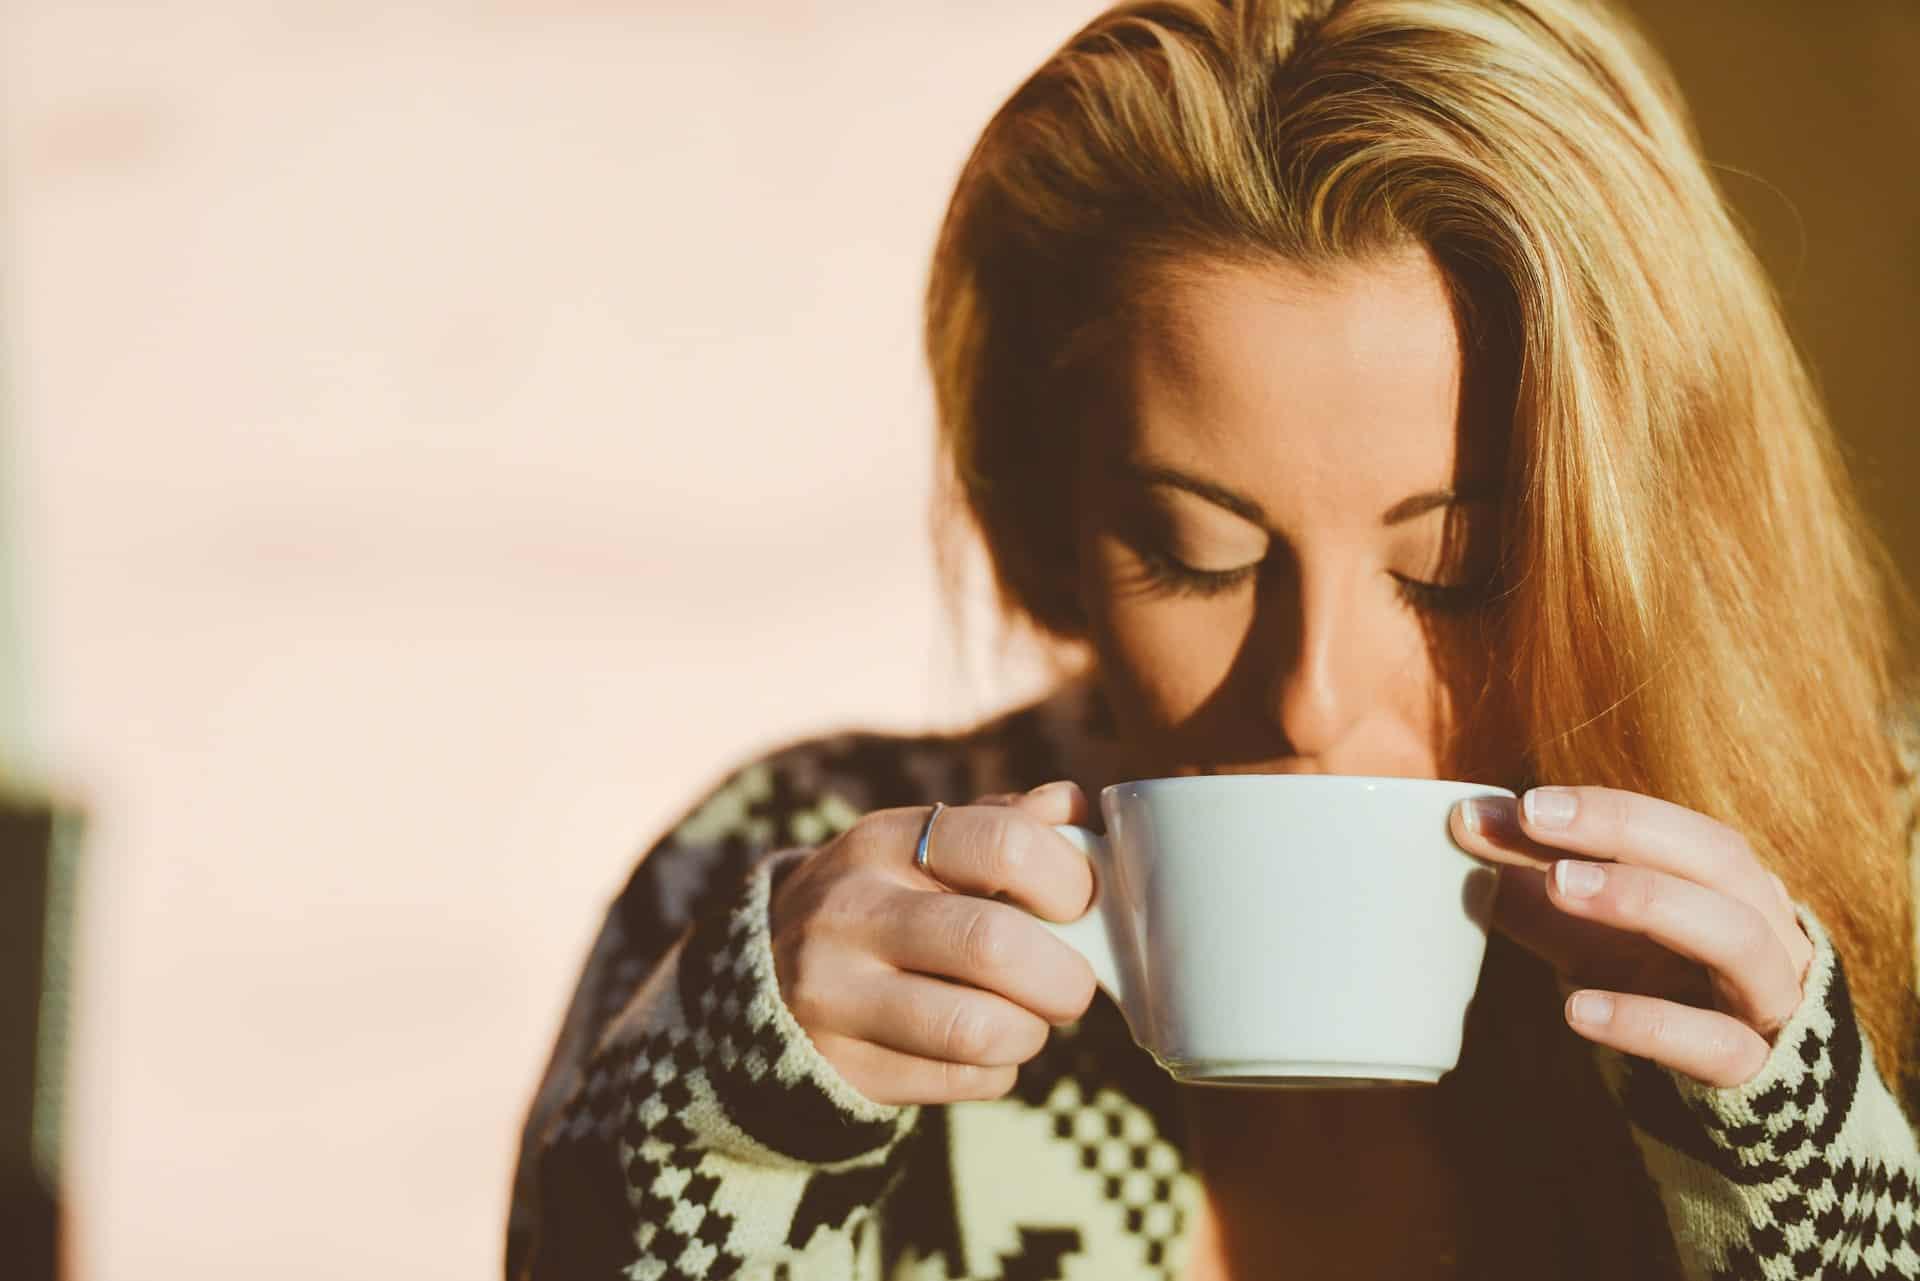 Se lever très tôt, c'est tendance : mais est-ce fait pour moi ?